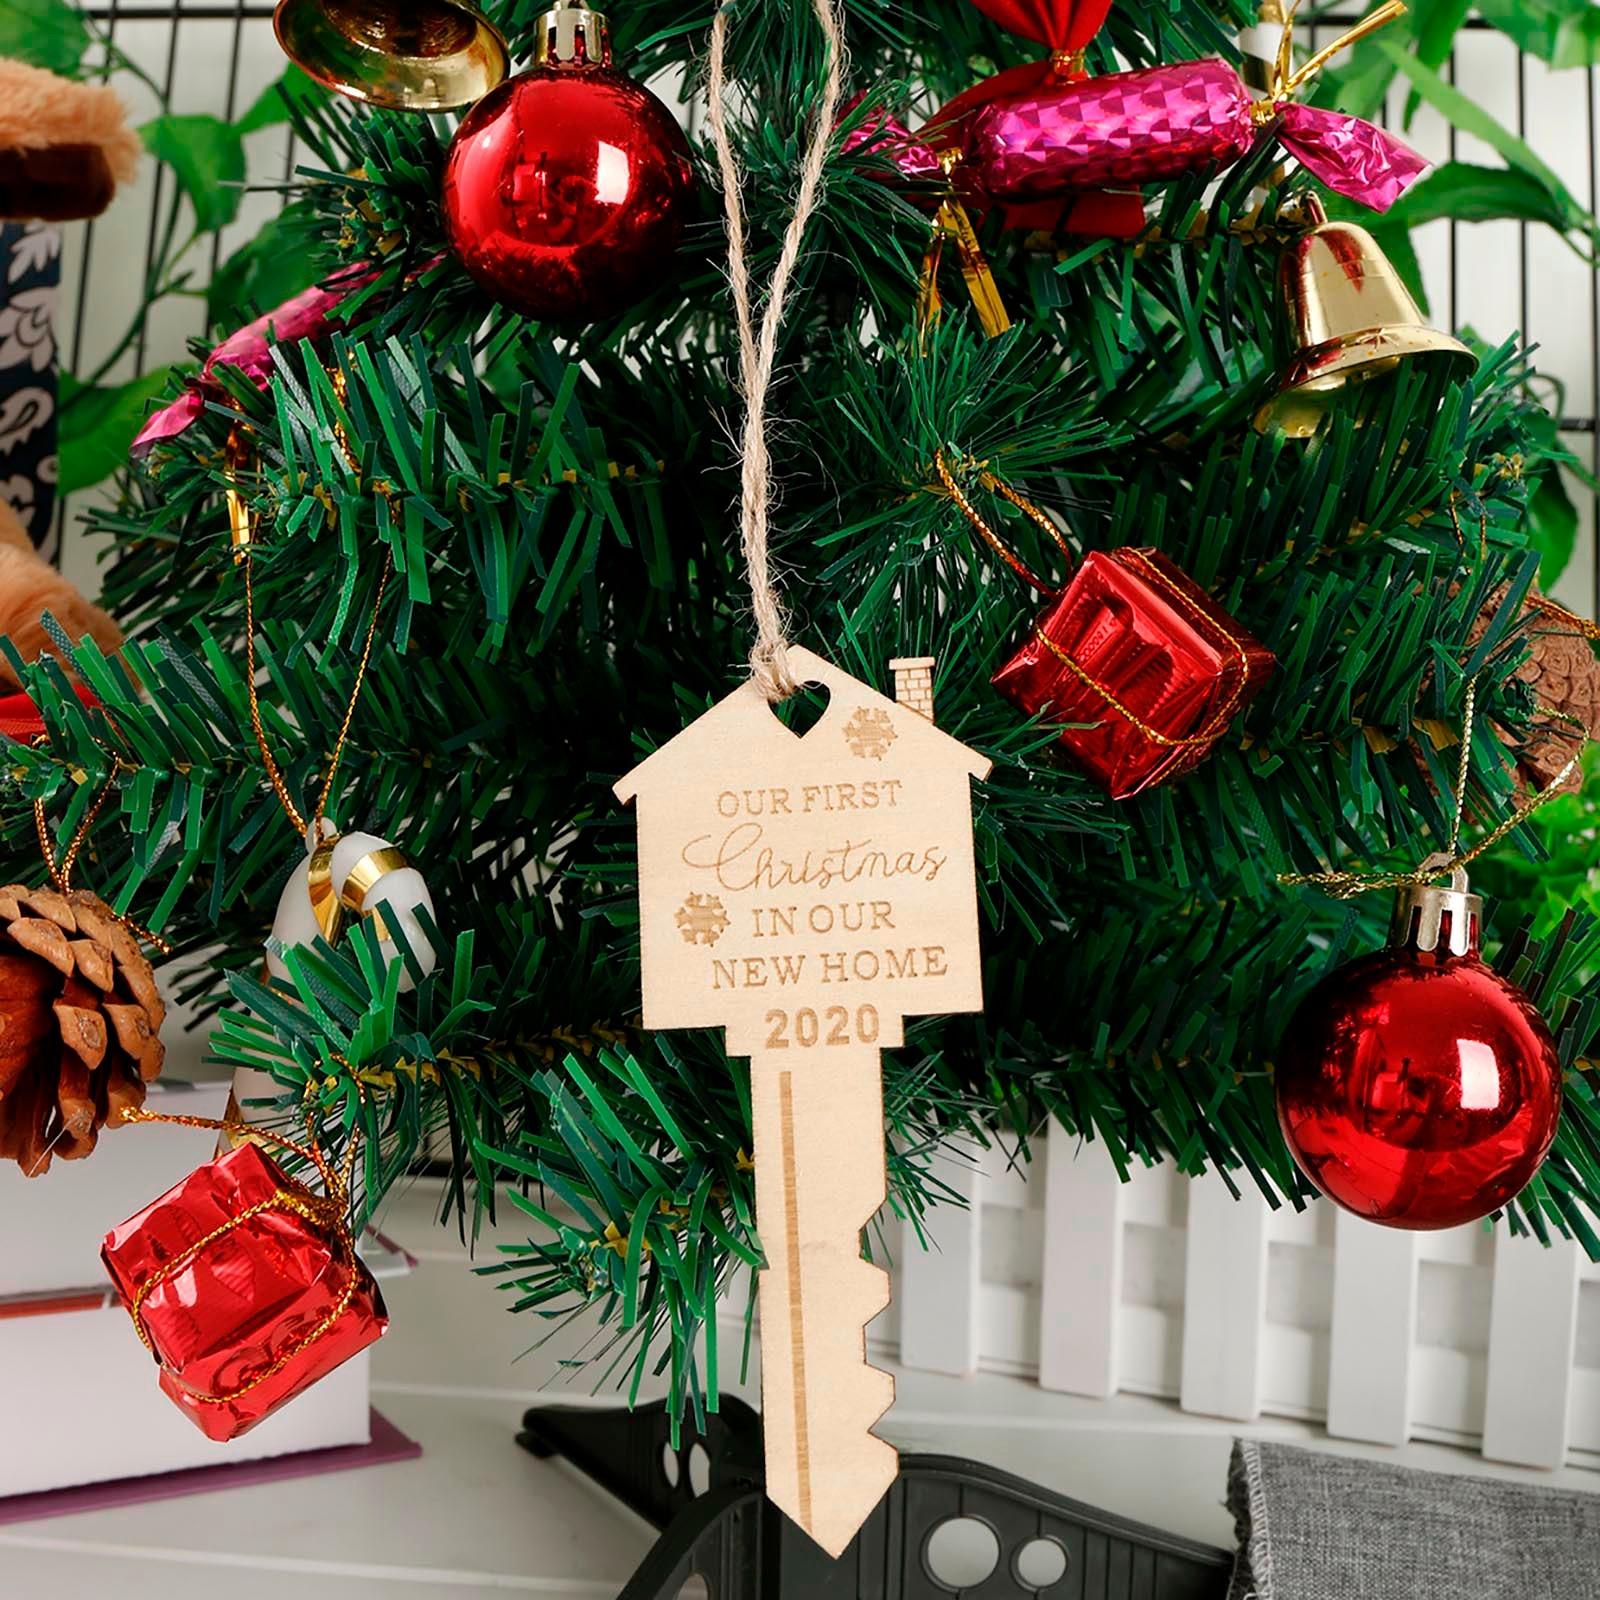 Рождественская елка кулон украшения первый Рождественский кулон среди новых домашних украшений в 2020 орнамент Рождественский кулон # W3